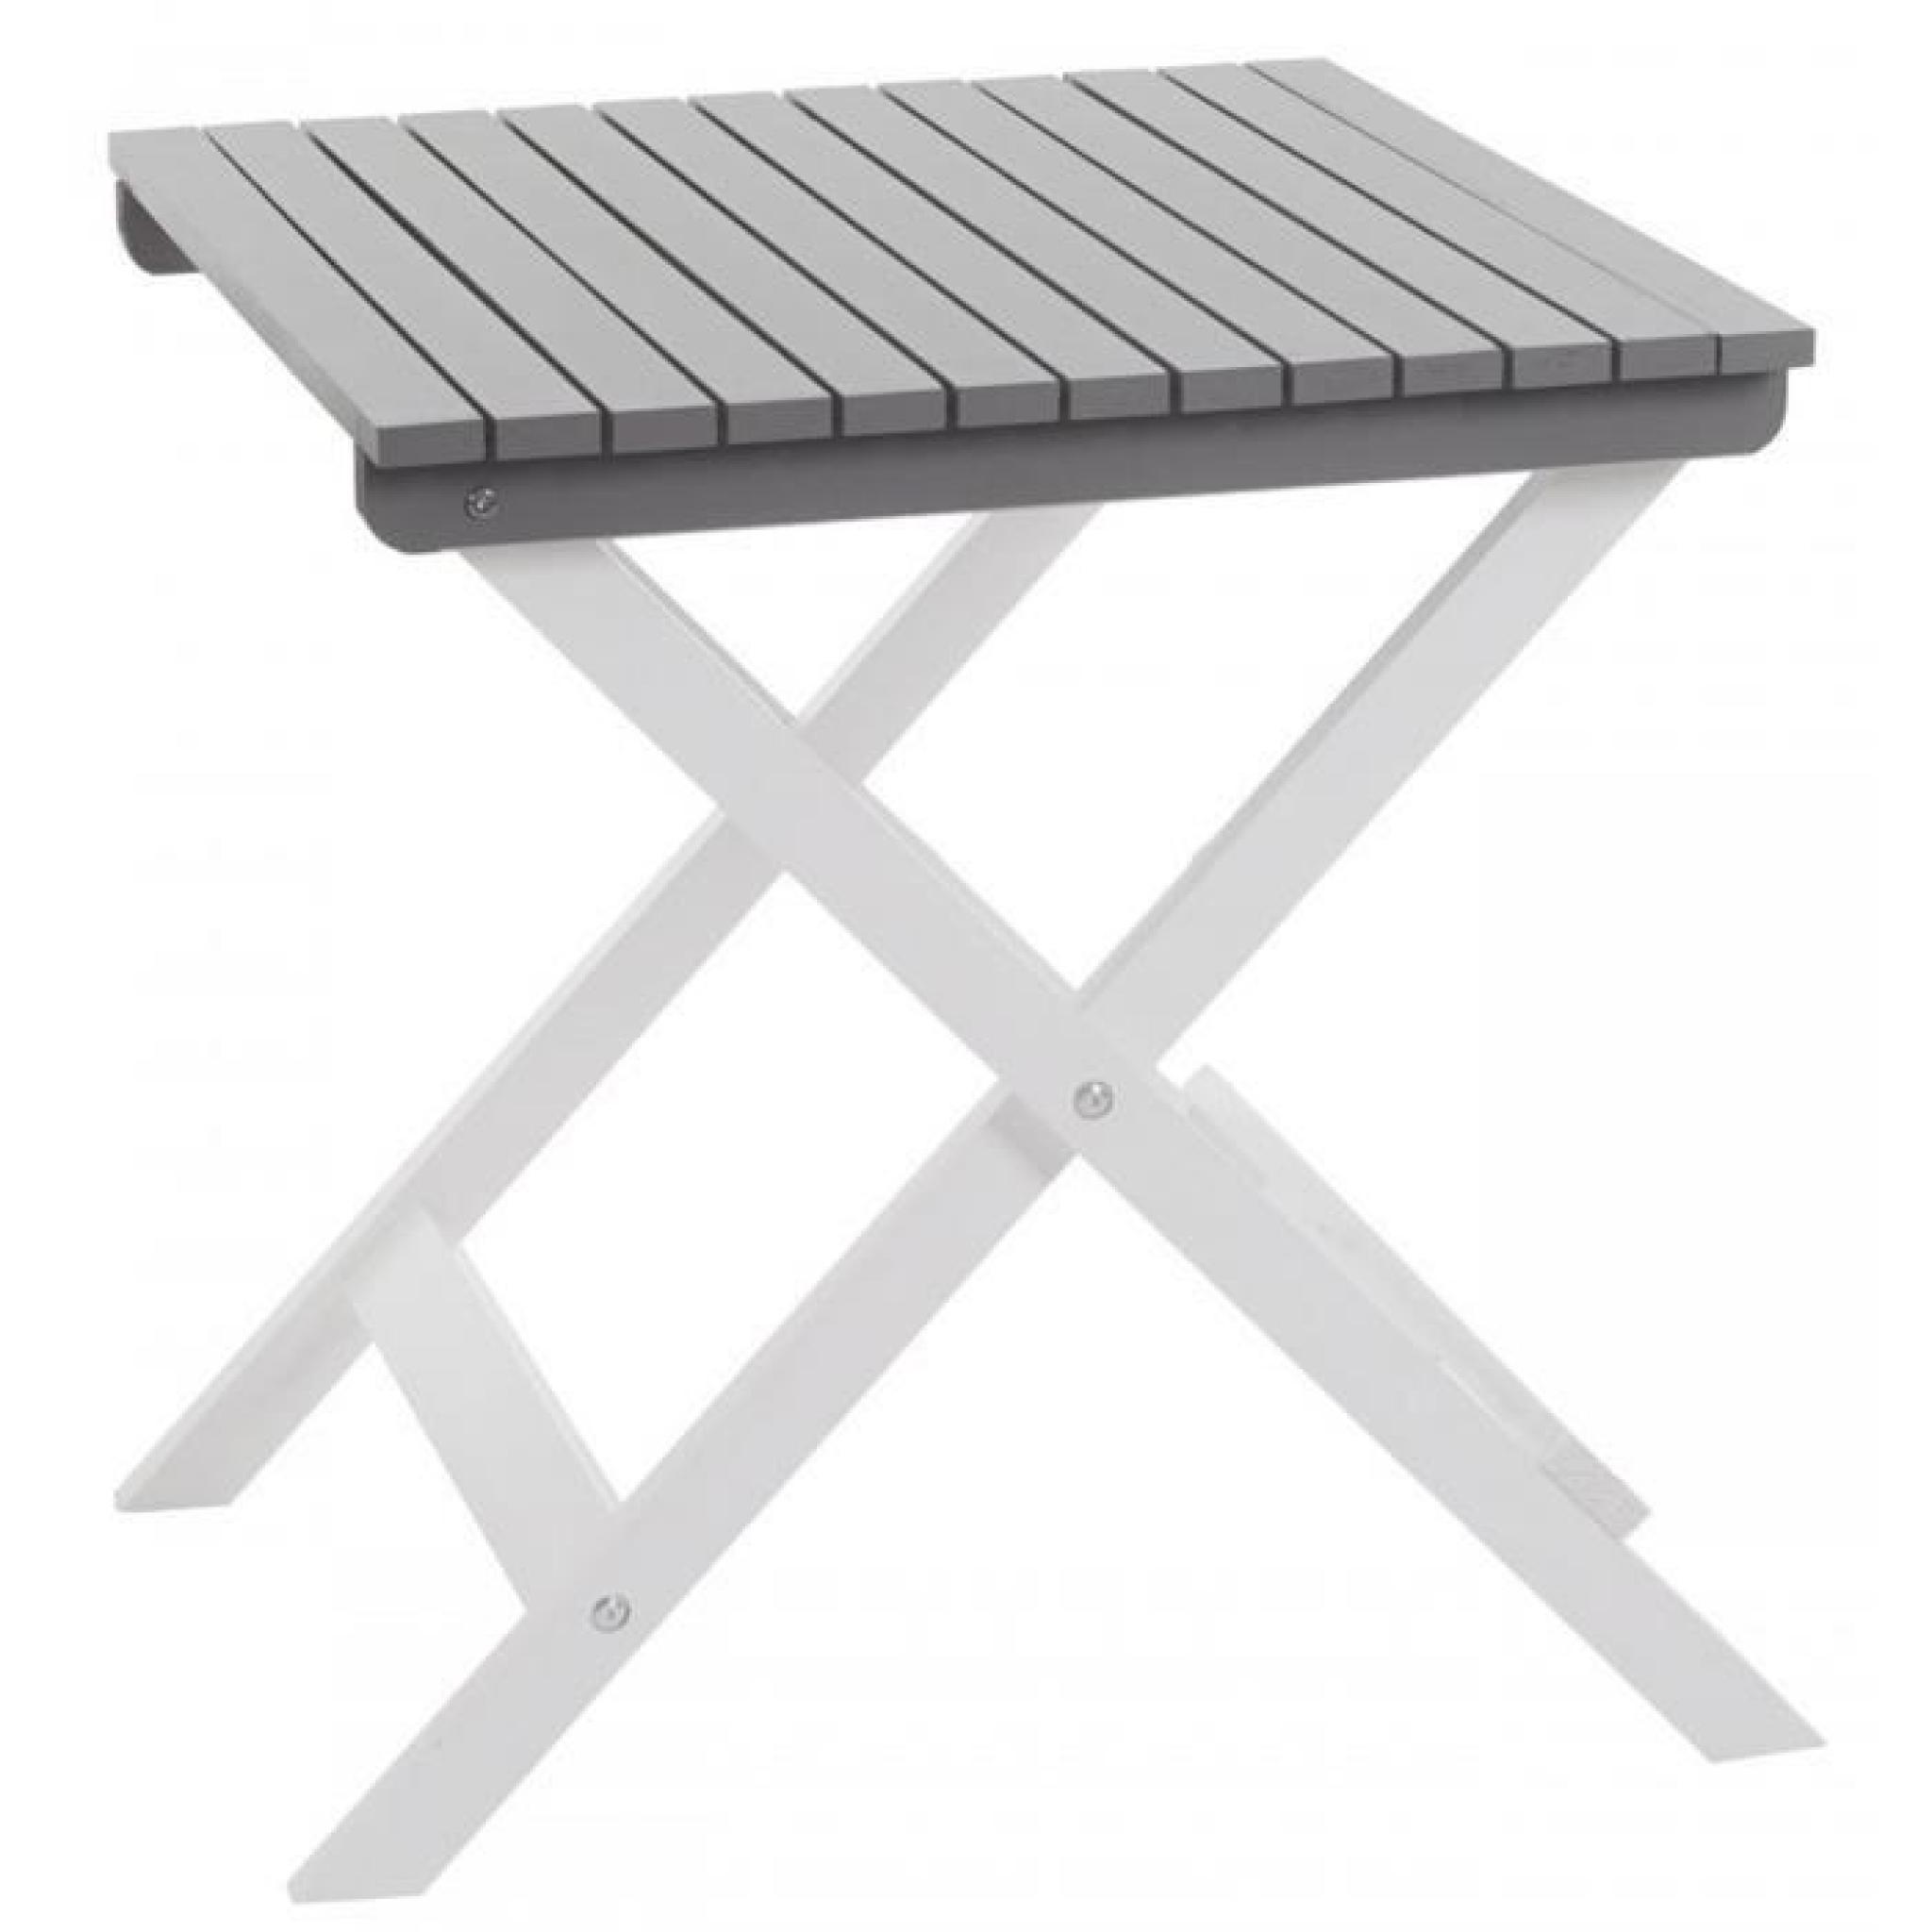 Table de jardin en bois coloris gris - Dim : H 75 x L 65 x P 64,5 cm